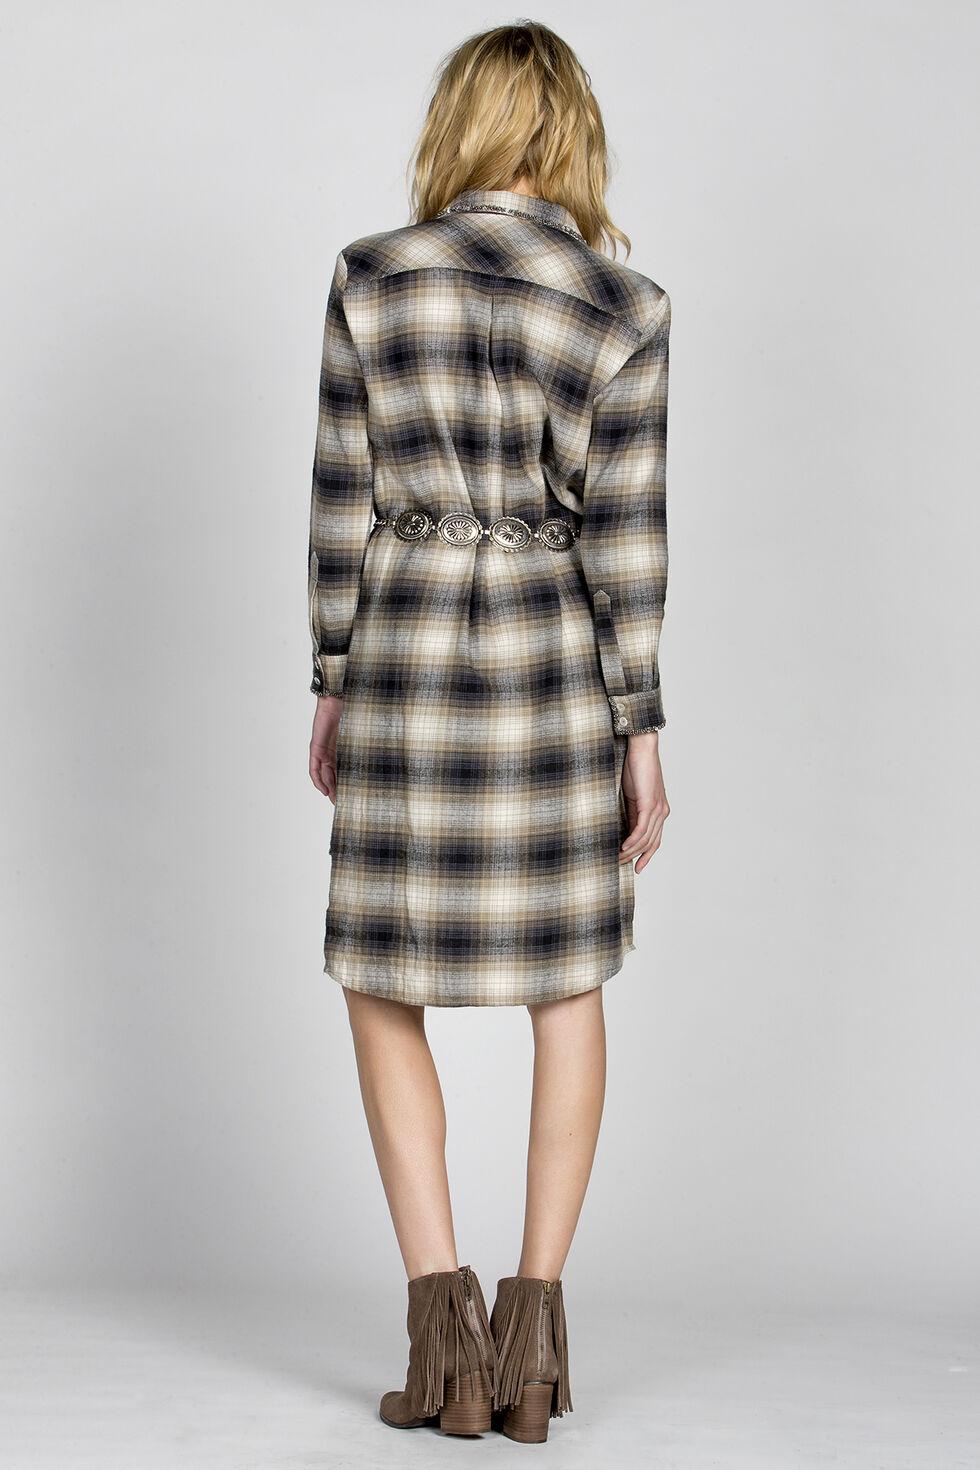 MM Vintage Olive Dream Lover Shirt Dress, Olive, hi-res